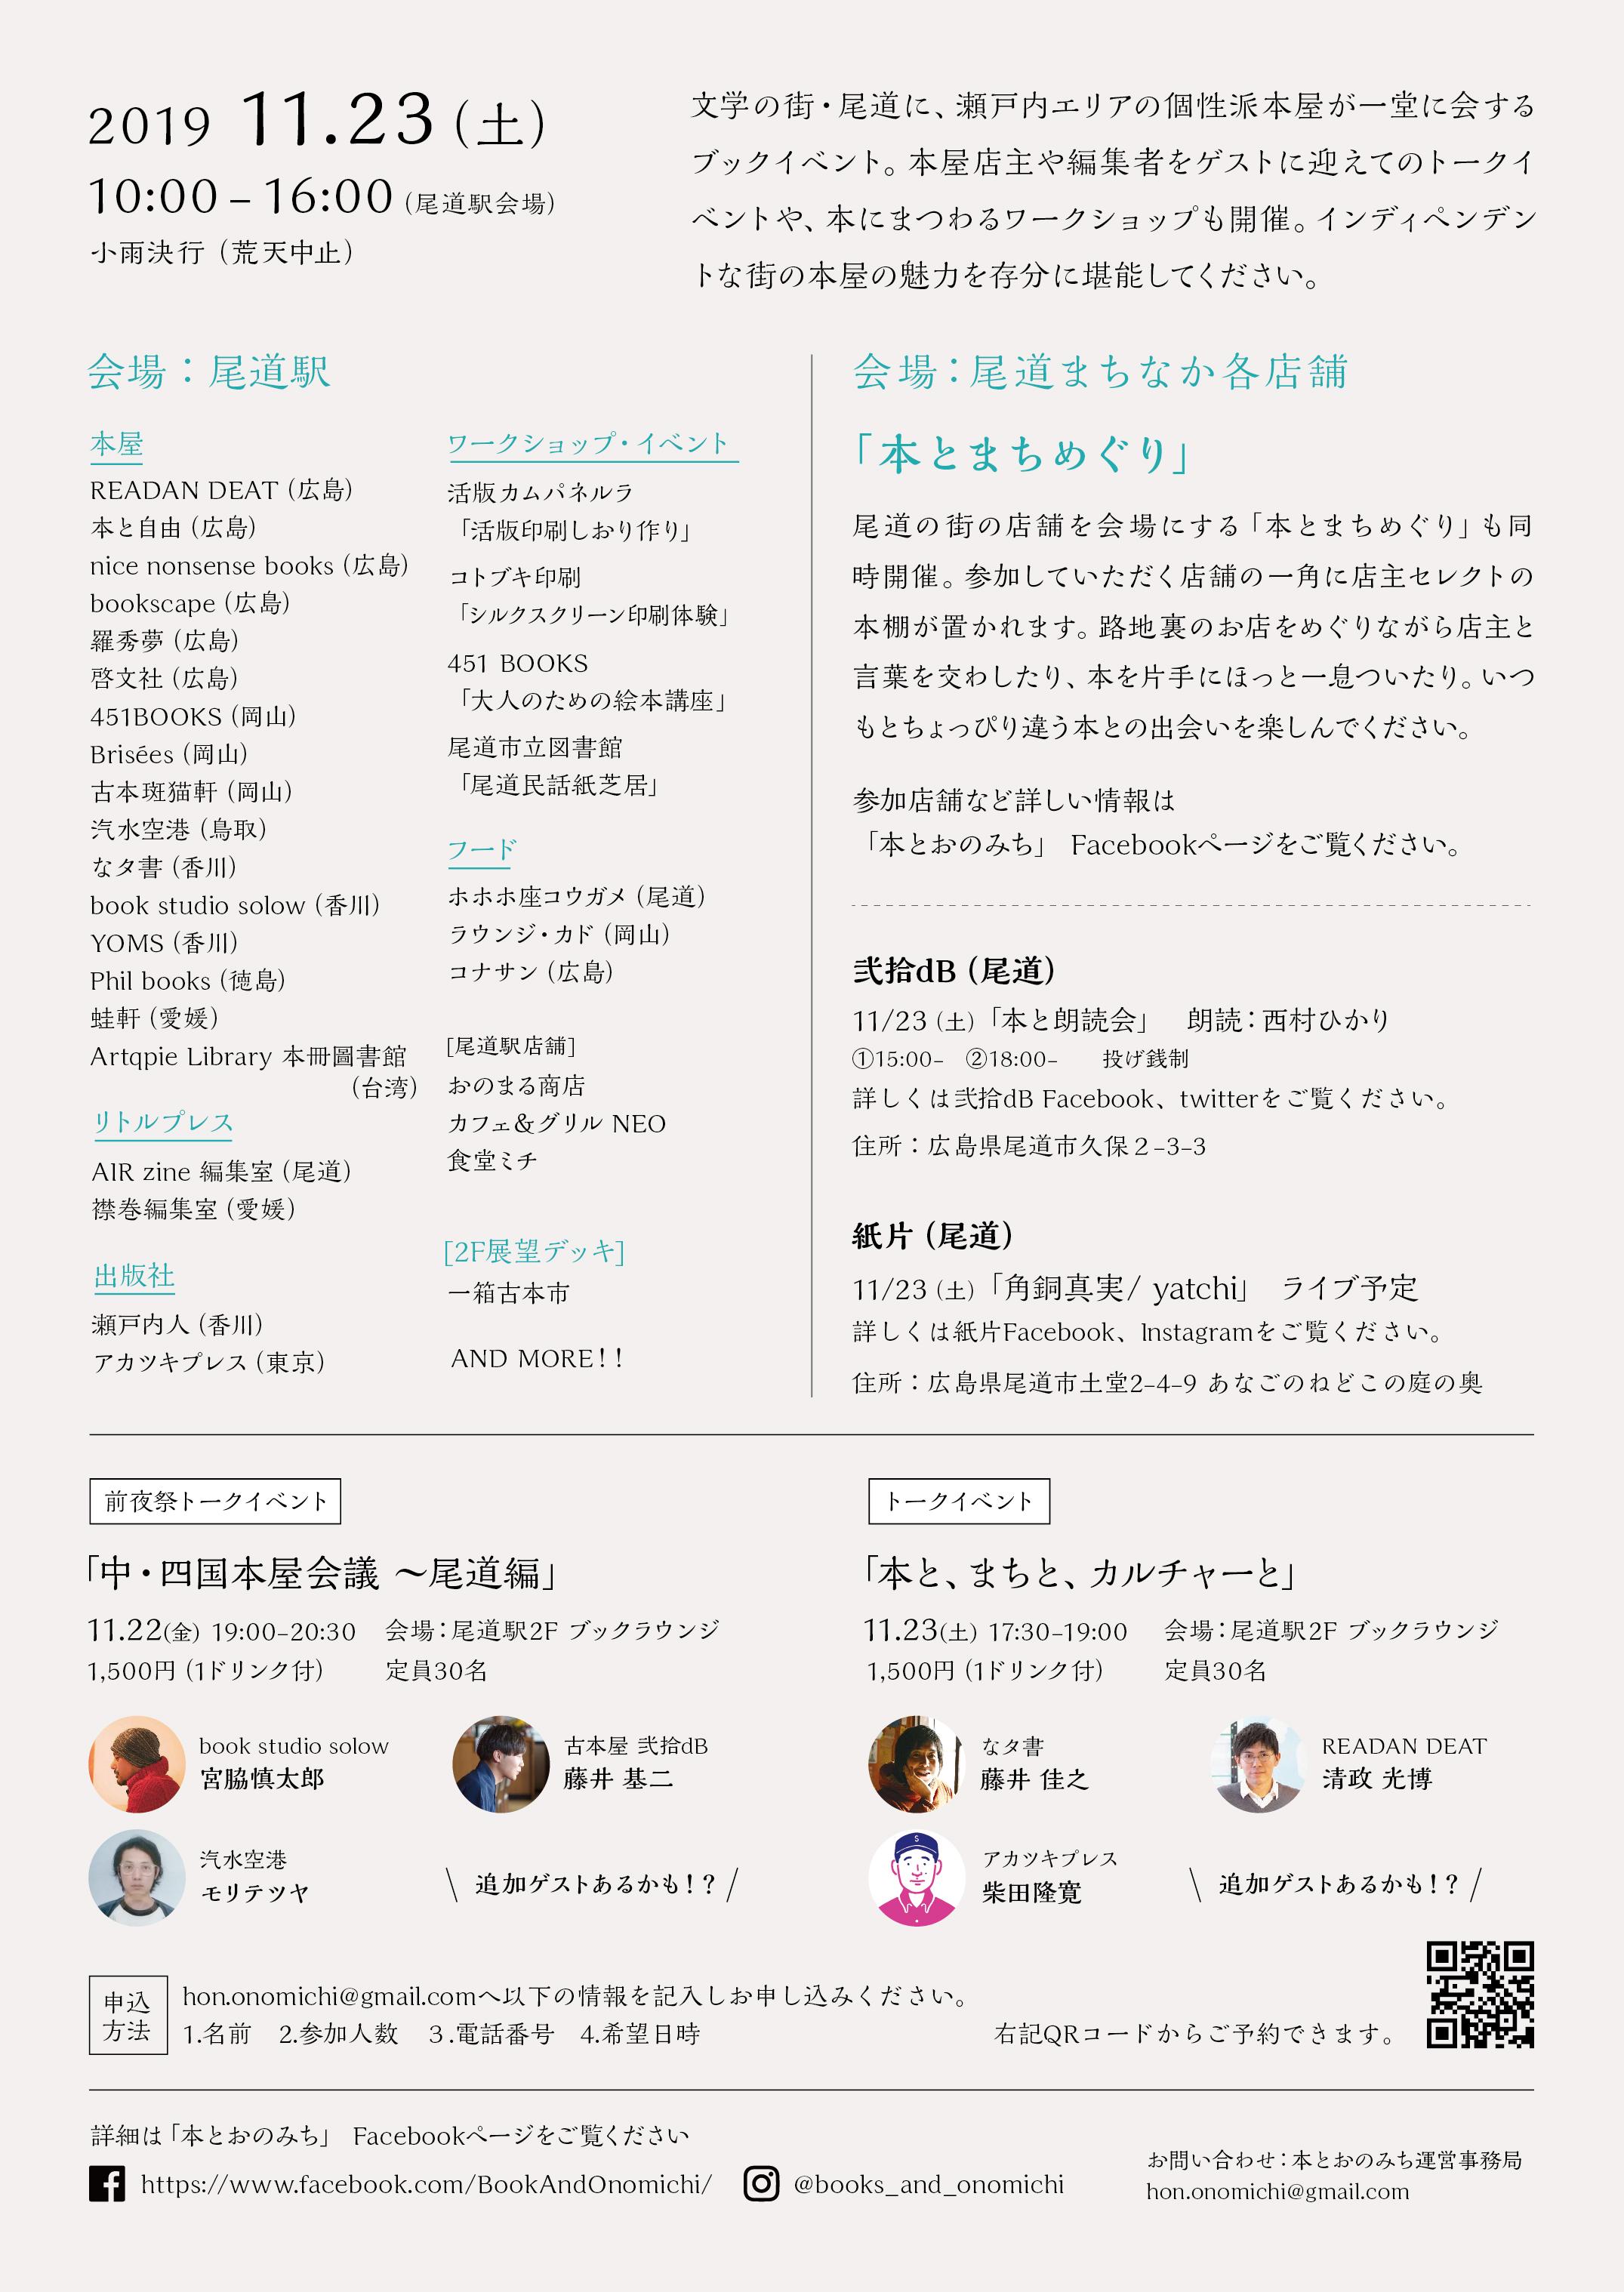 「本とおのみち」2019年3月にリニューアルした尾道駅前広場で開催